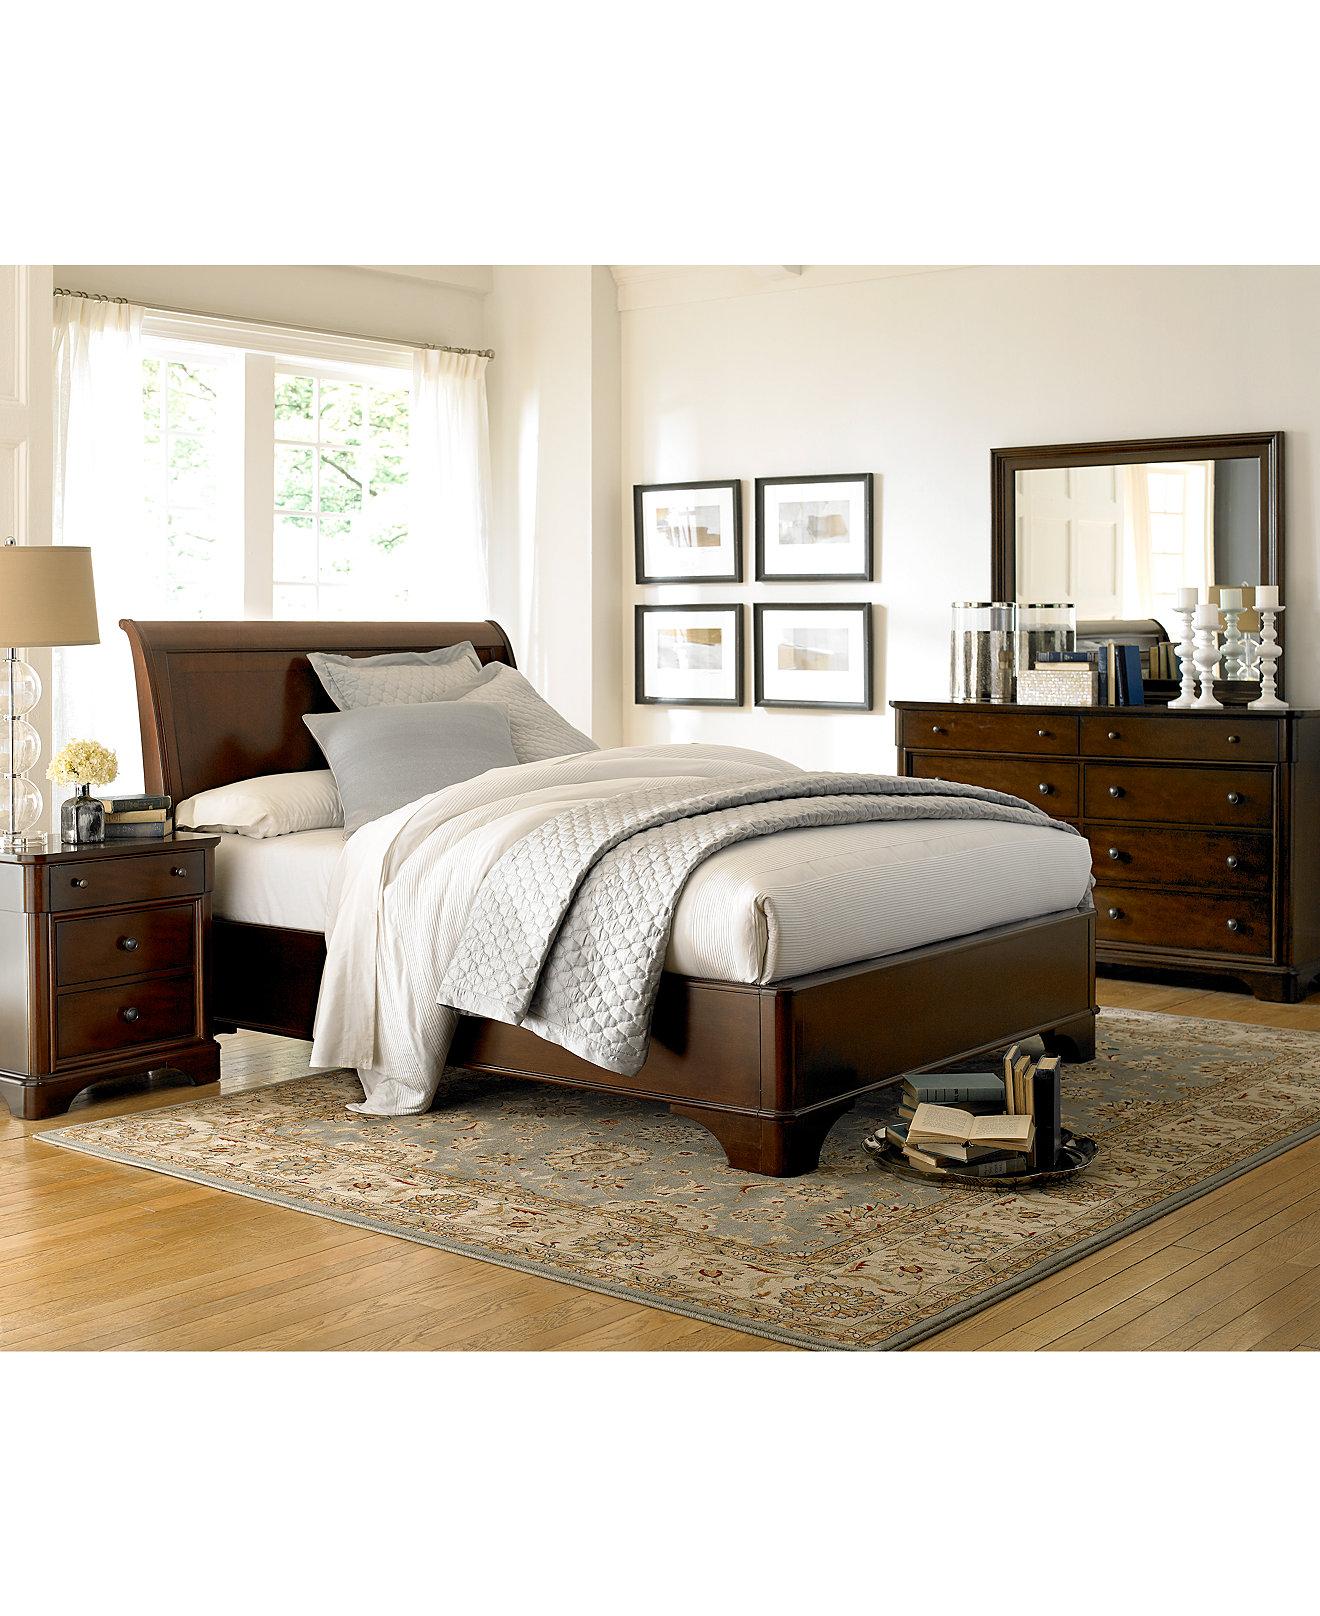 Bad Boy Furniture Bedroom Sets 20800298629 Touch Sensitive Light